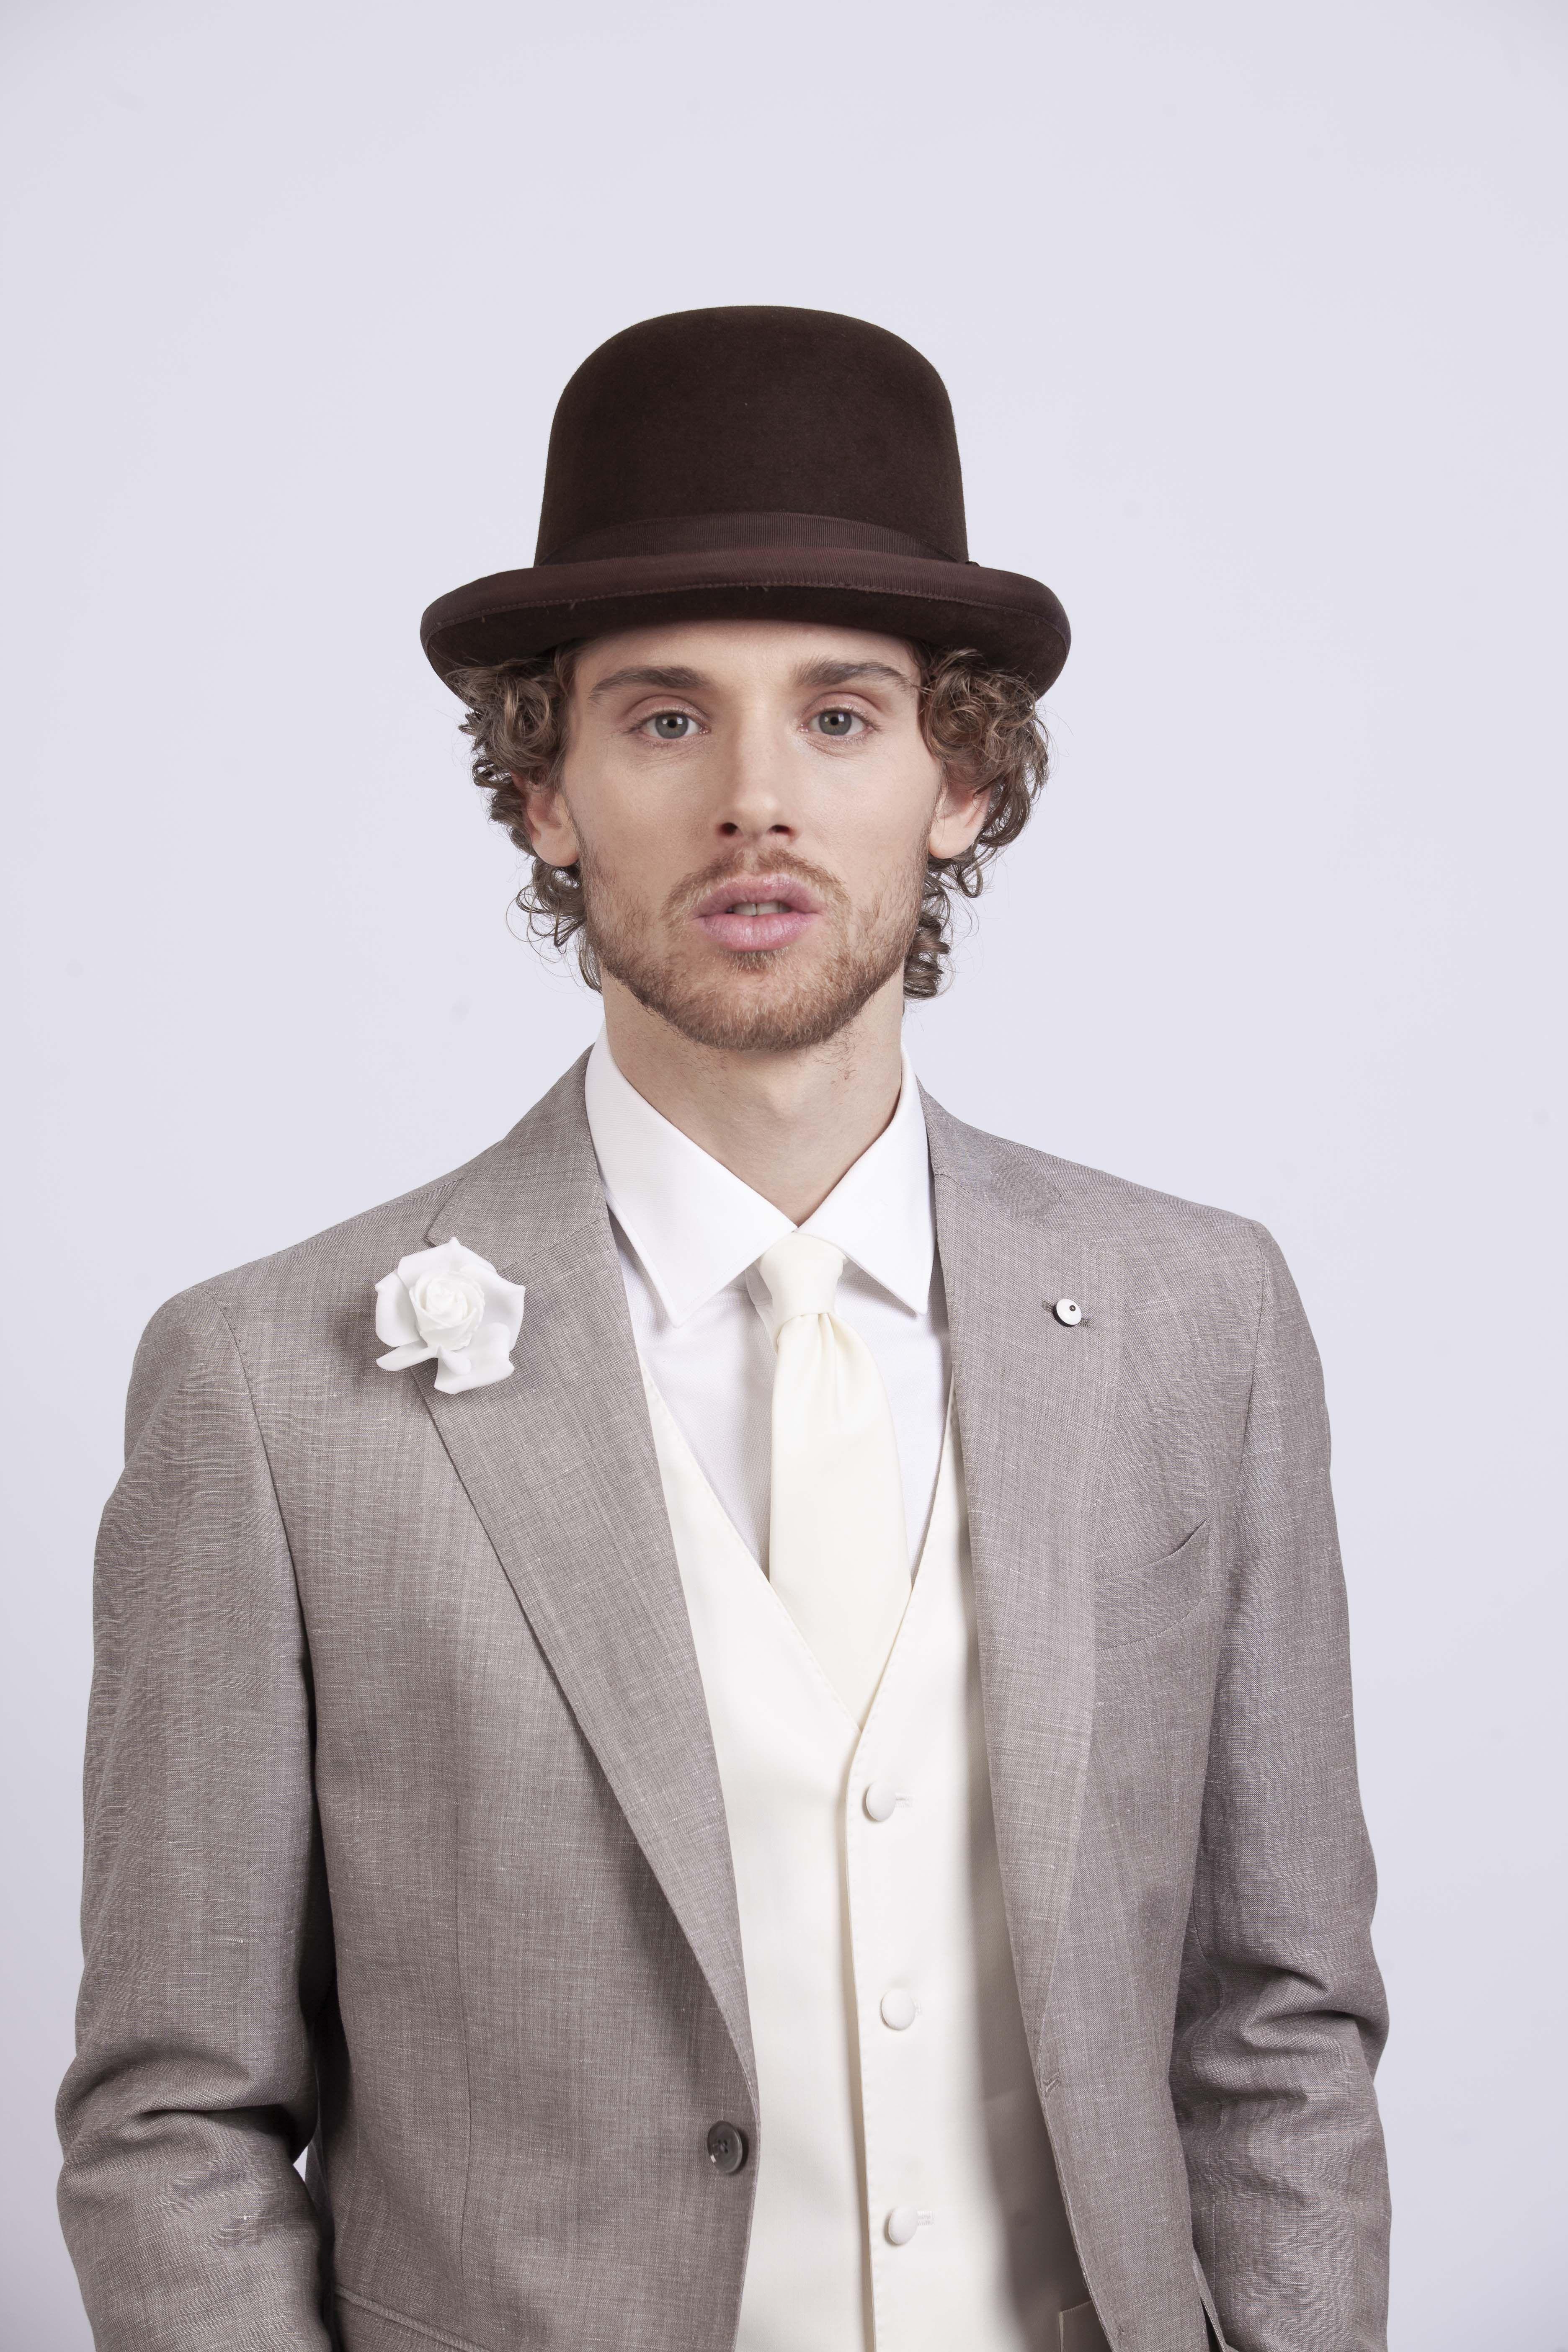 Matrimonio Country Uomo : Abito da sposo shabby chic per un matrimonio country vestiti da